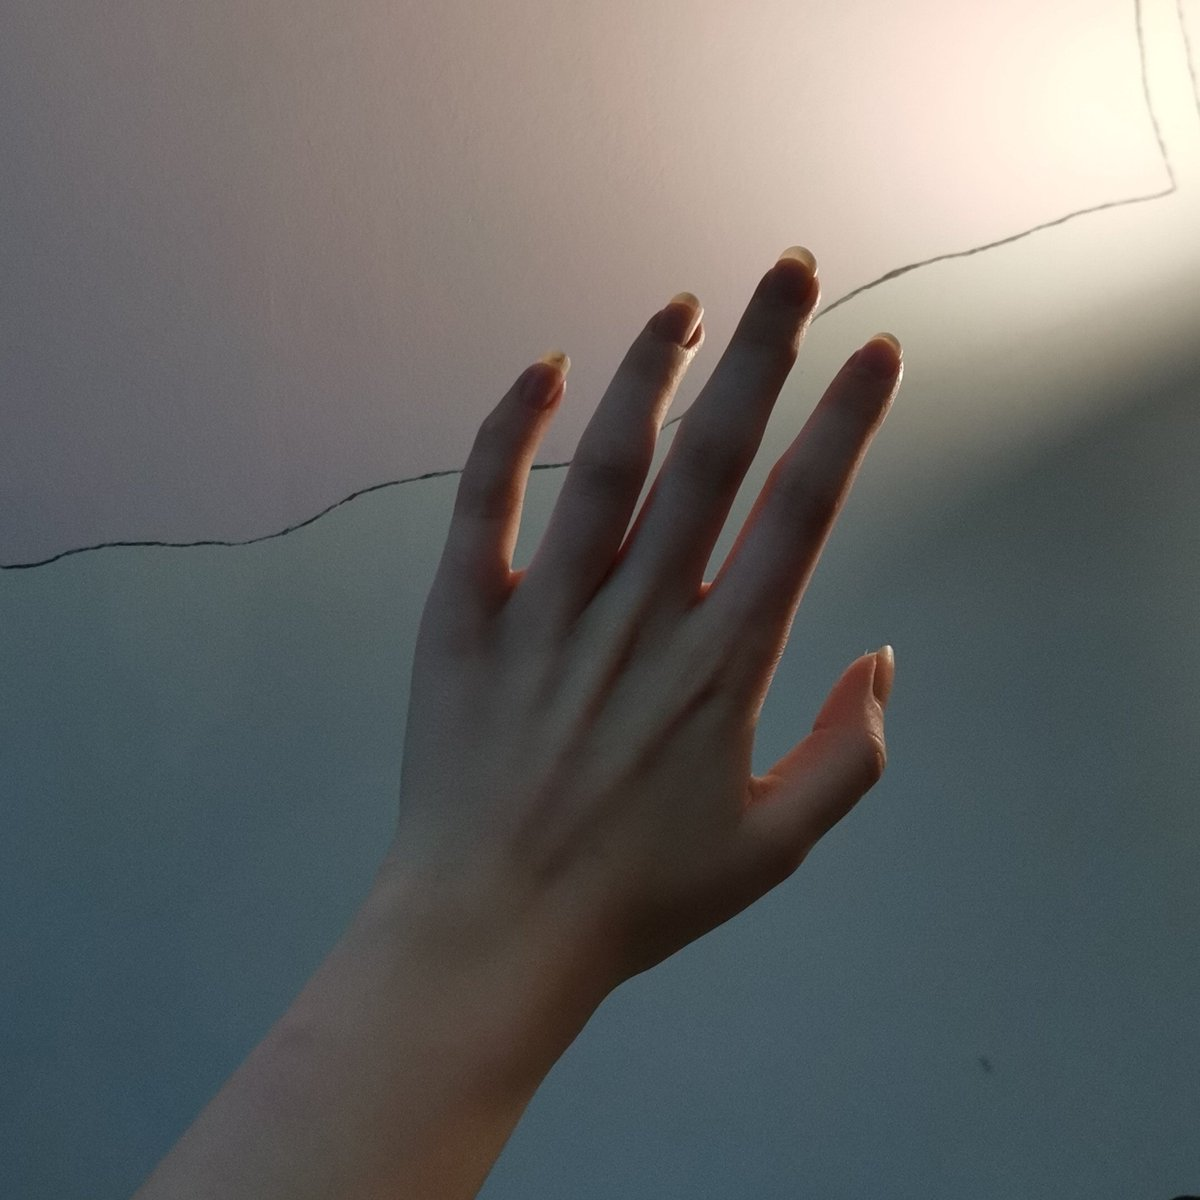 Je vends des photos de mes mains,  pour éviter toute arnaque, vous devez envoyer l'argent avant! Viens DM de suite histoire de ruiner ton compte 👑 #mains #soumis #moneyslaves #fetichiste https://t.co/FbCL50GLfZ